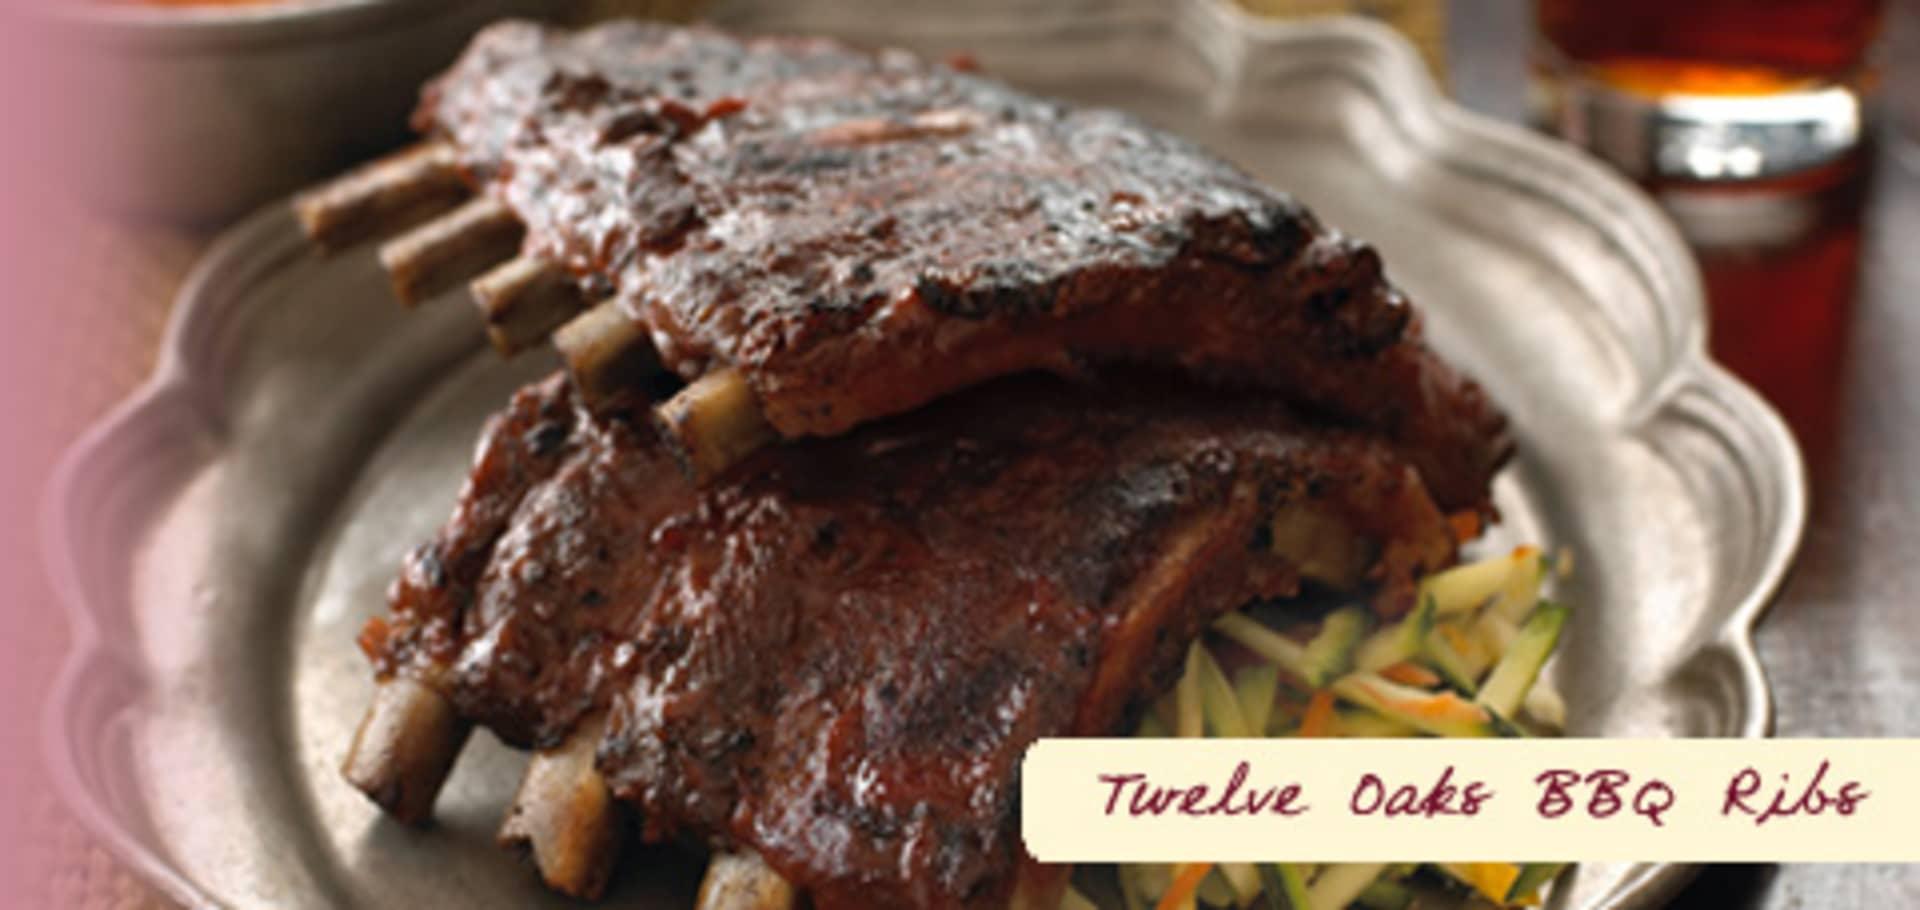 TWELVE OAKS BBQ RIBS